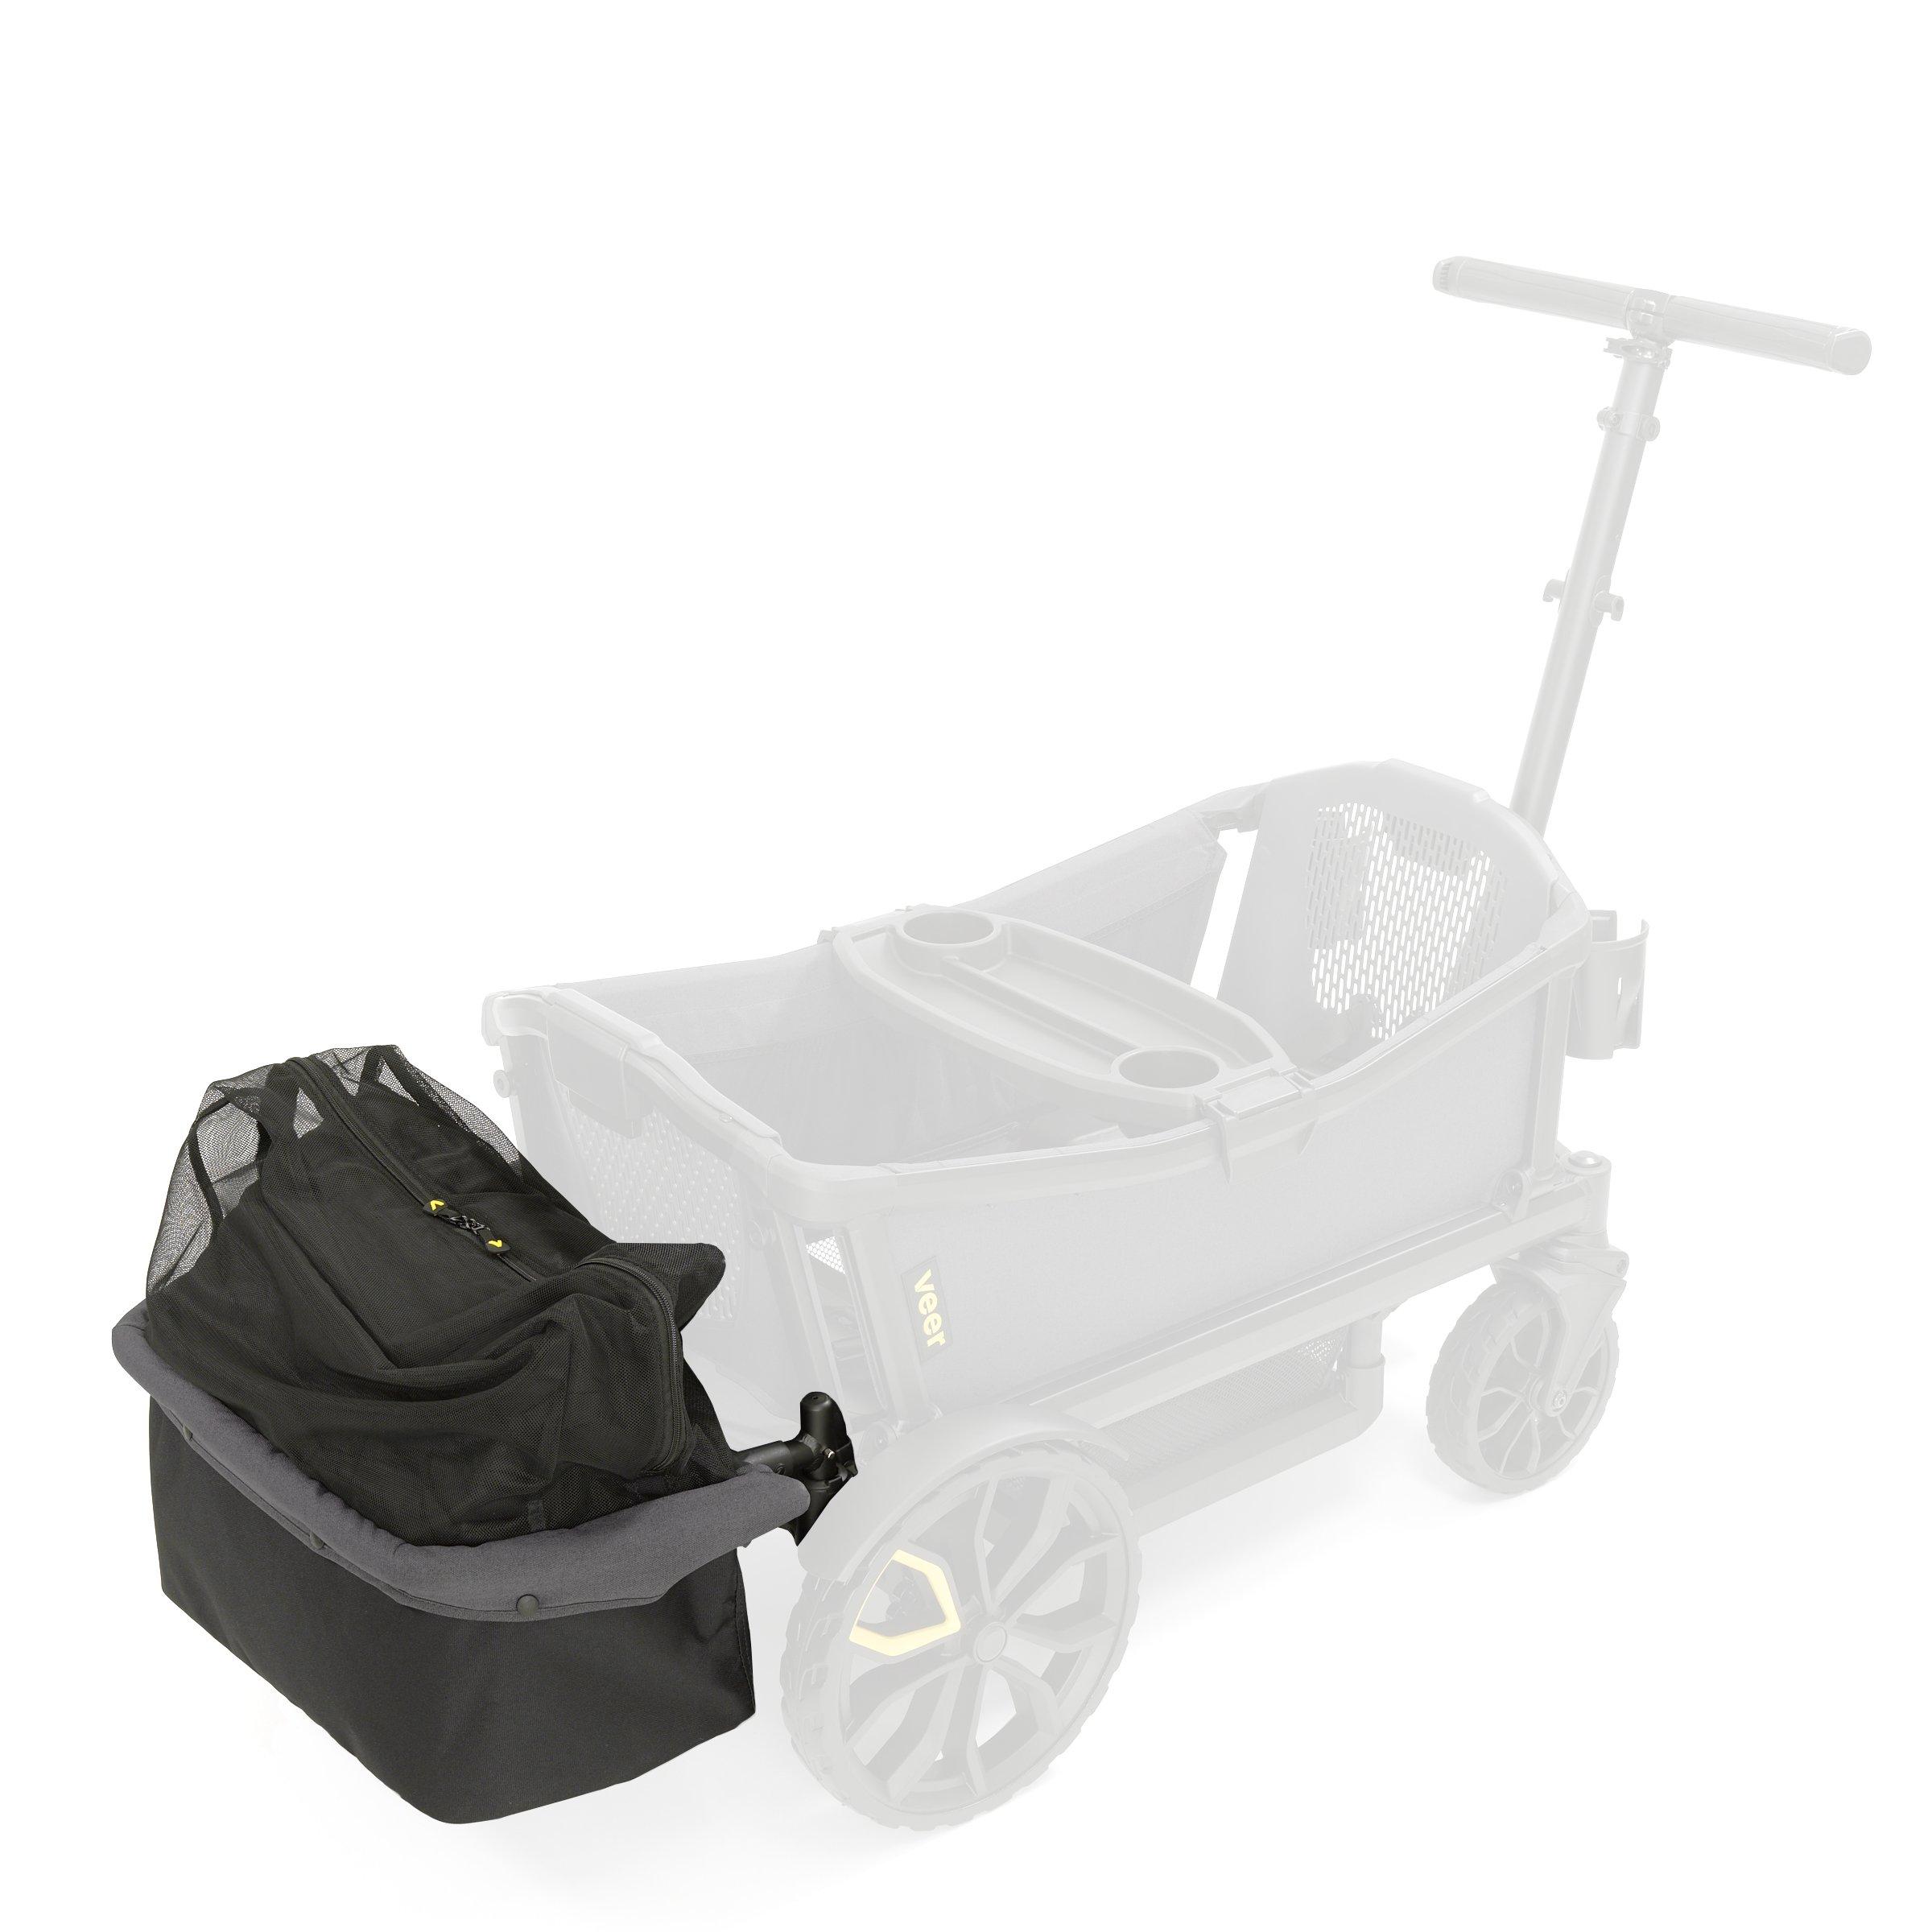 Foldable Storage Basket for Veer Cruiser by Veer (Image #2)